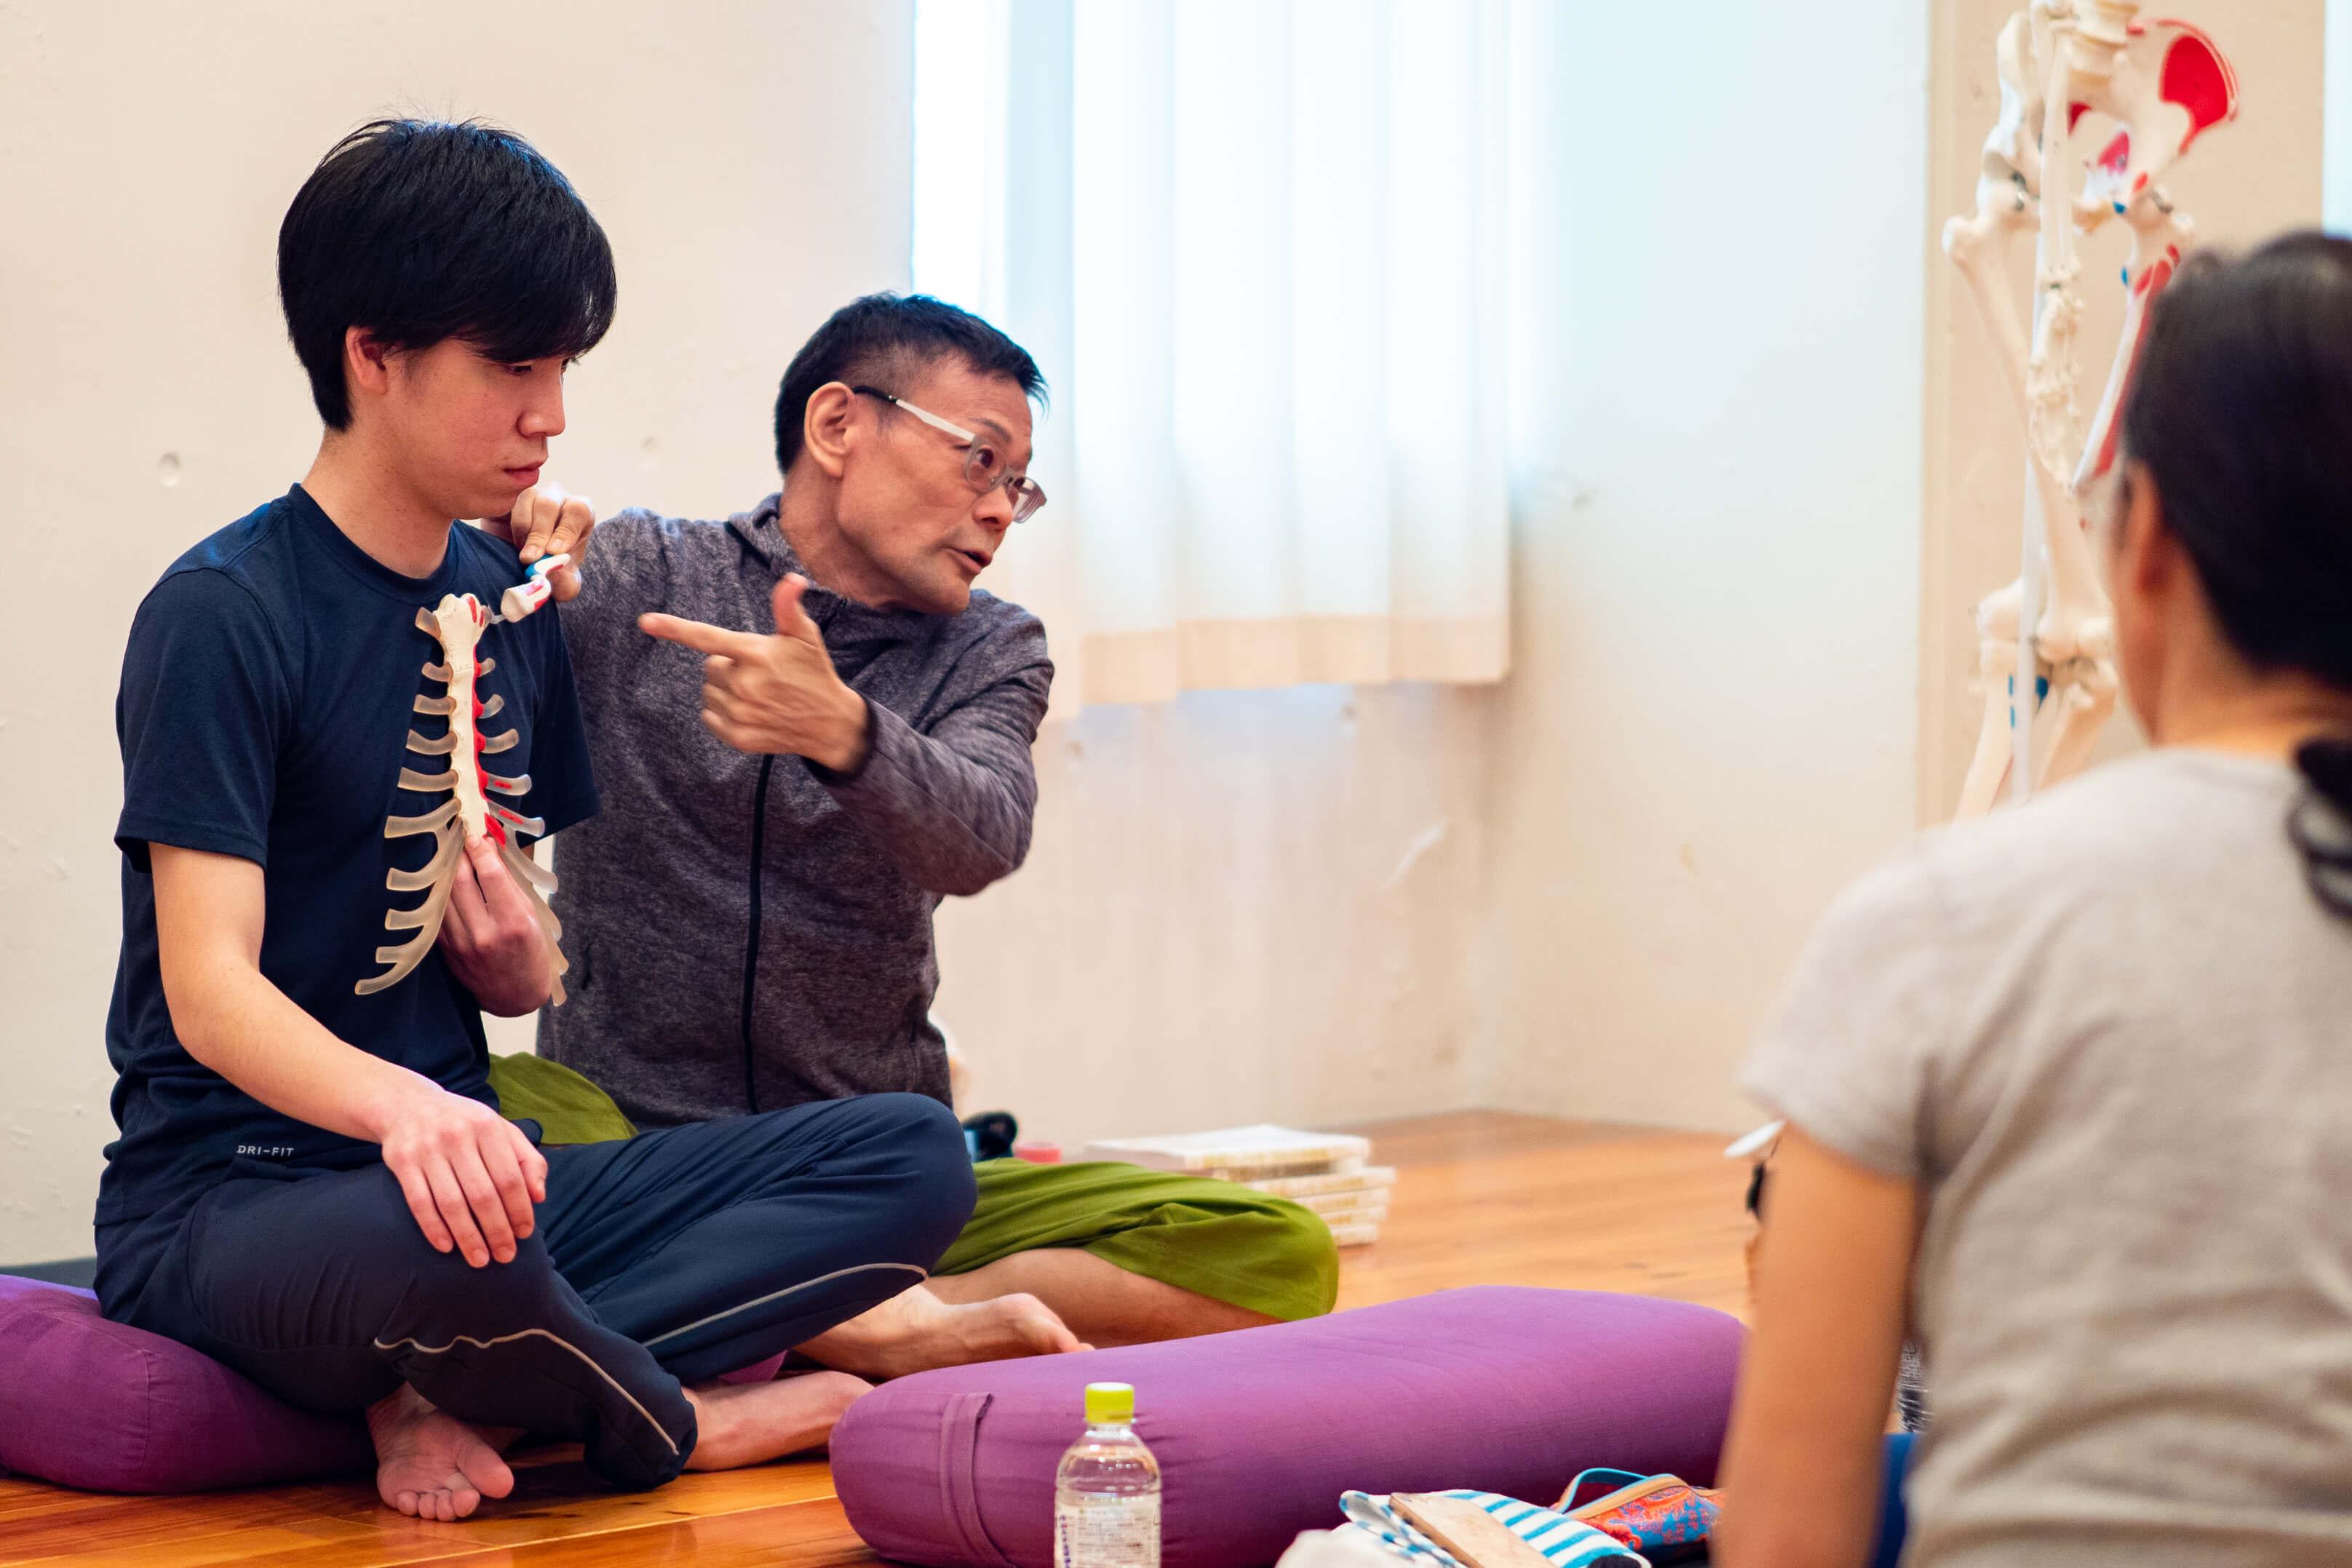 ヨガ解剖学講師内田かつのり先生のヨガ解剖学講座基礎編の様子。生徒さんをモデルにして説明する内田先生